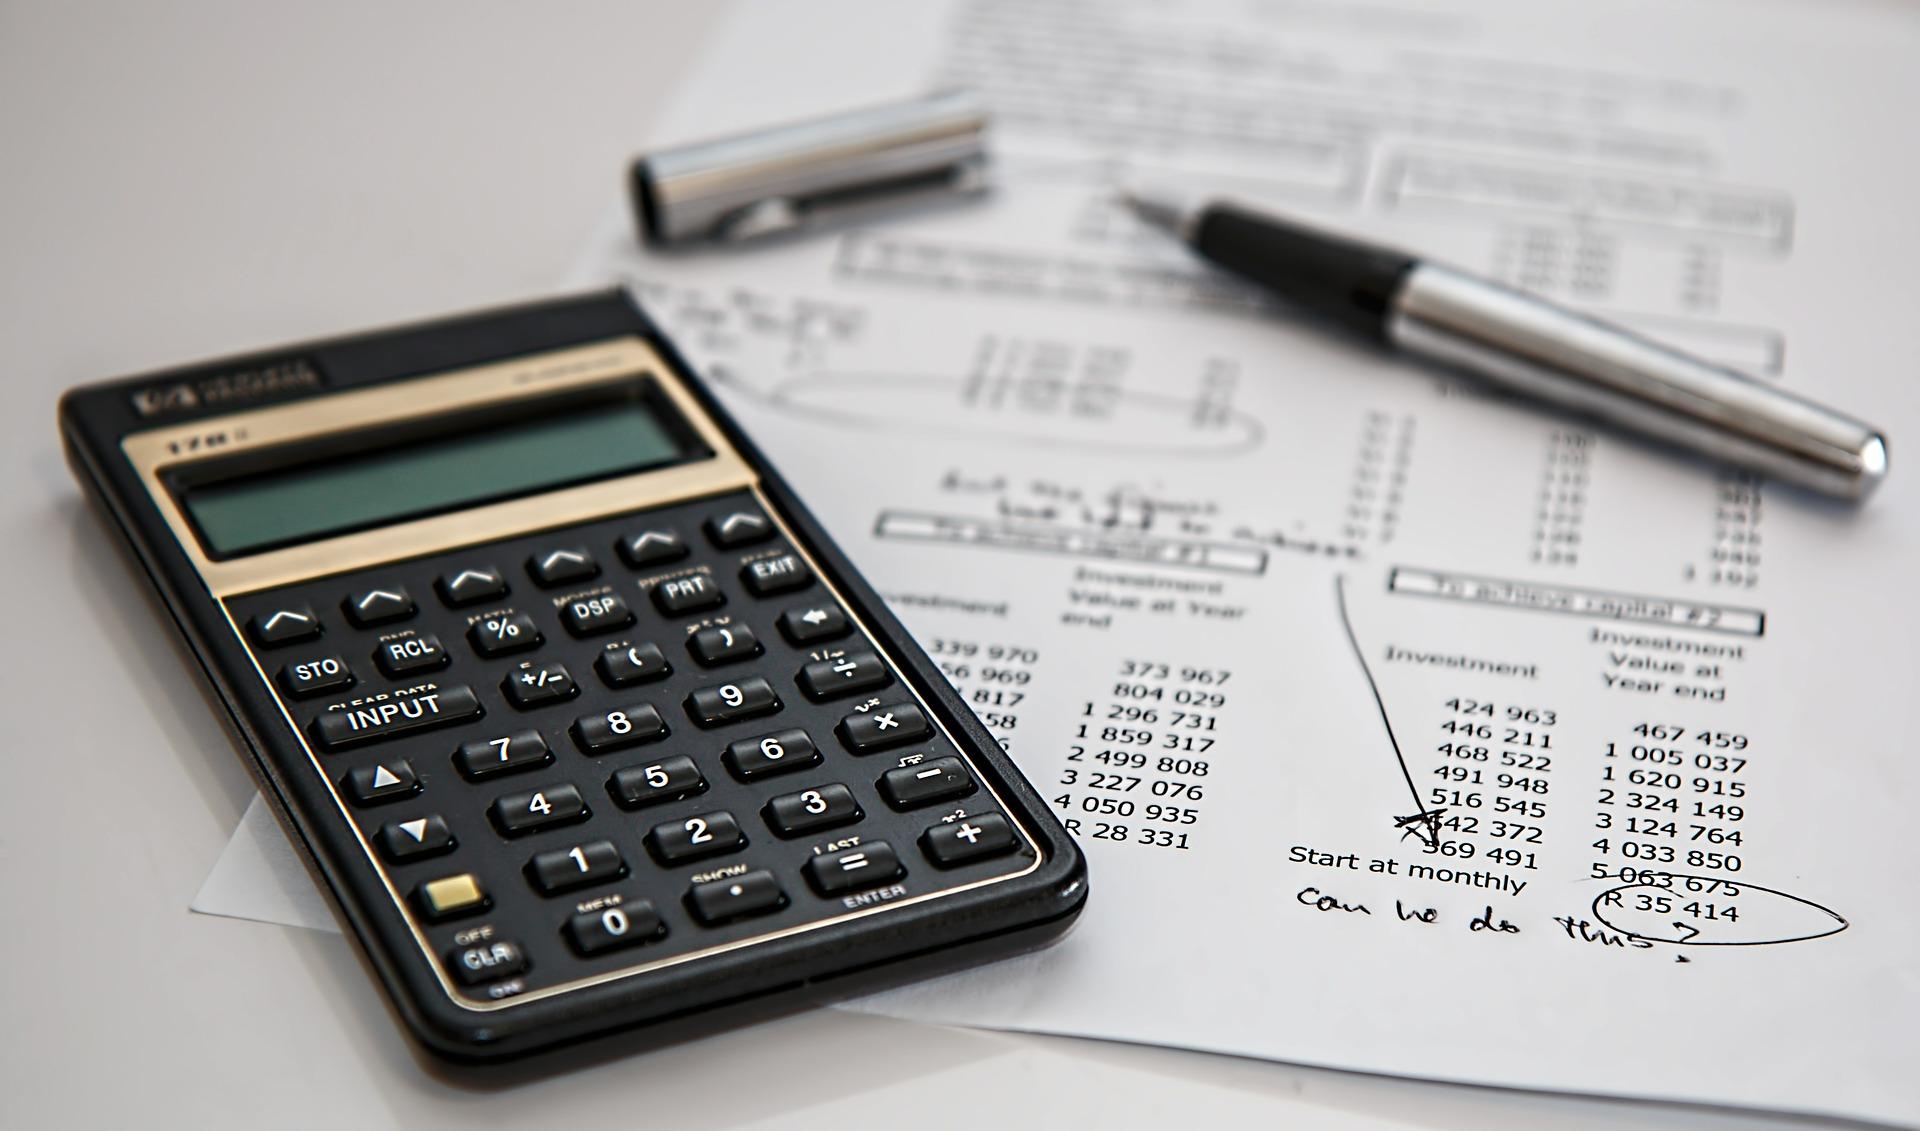 L'assurance prêt immobilier est-elle obligatoire ?